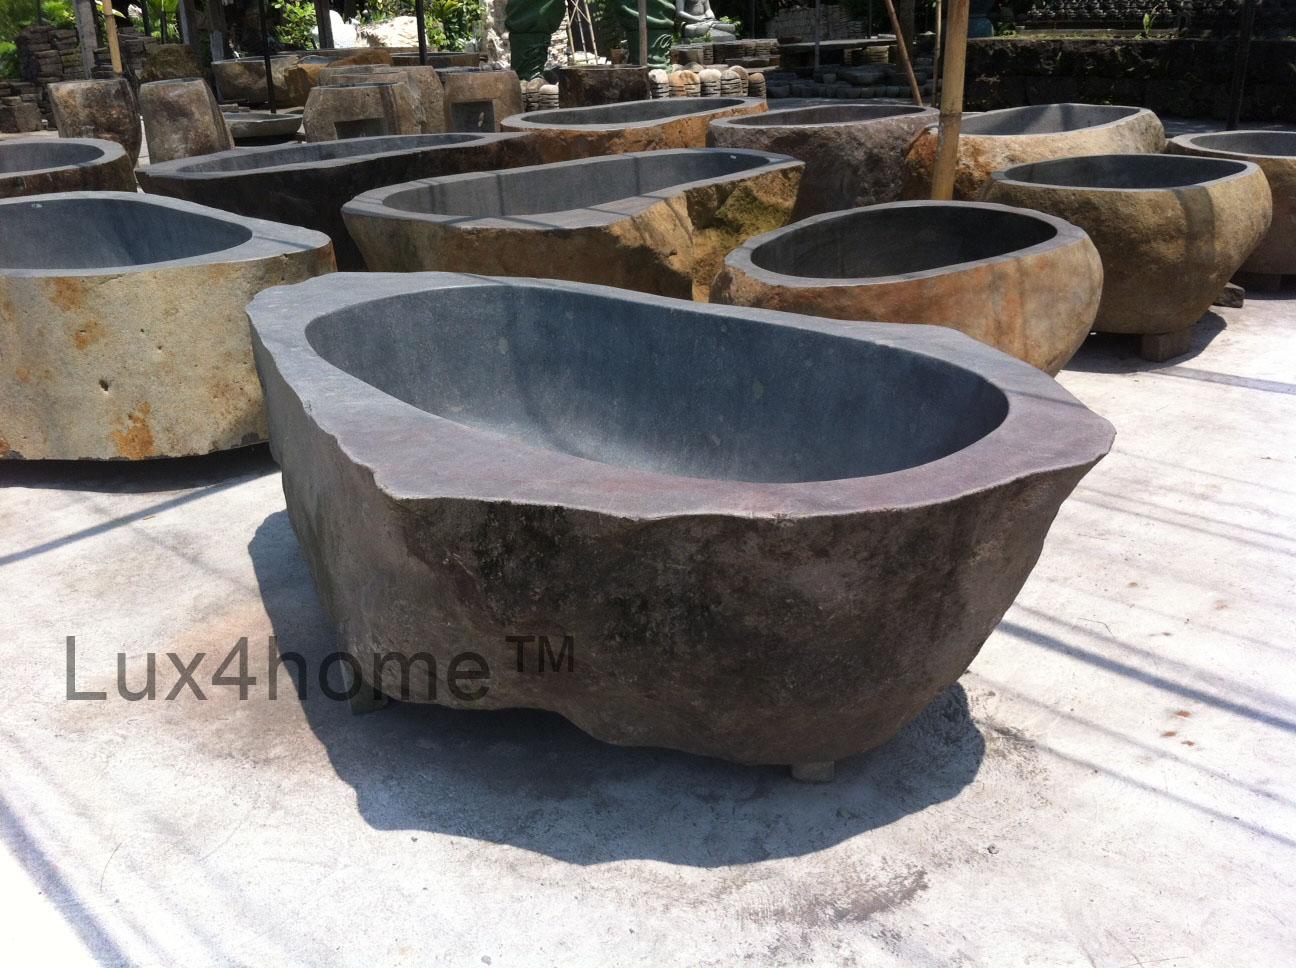 Natural Stone Bathtubs prices - Stone tubs